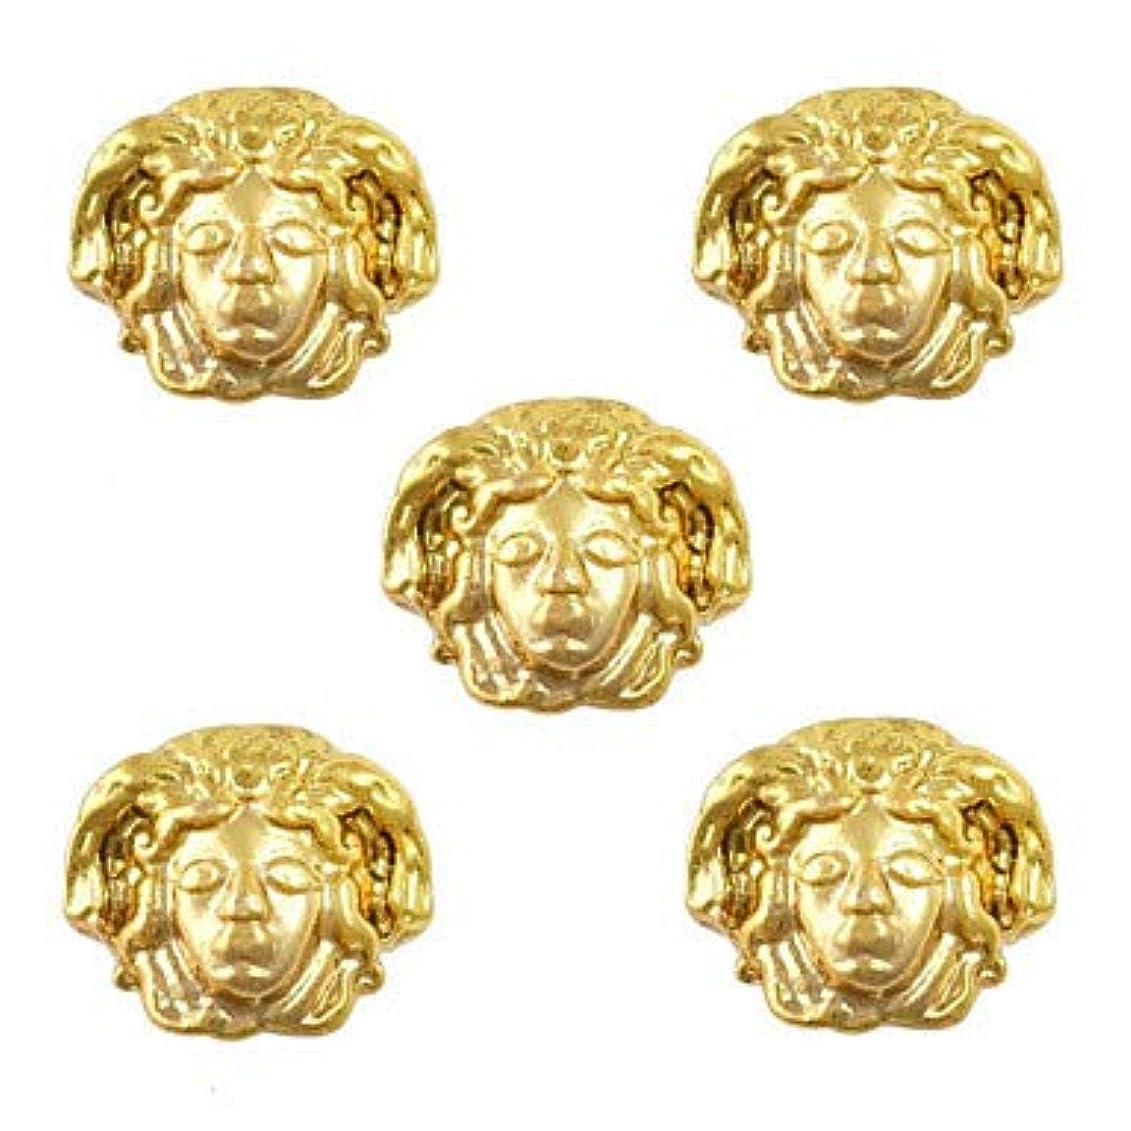 美容エジプトスタイルゴールドネイルチャーム3Dメタルネイルアートデコレーションアクセサリー用品ツール